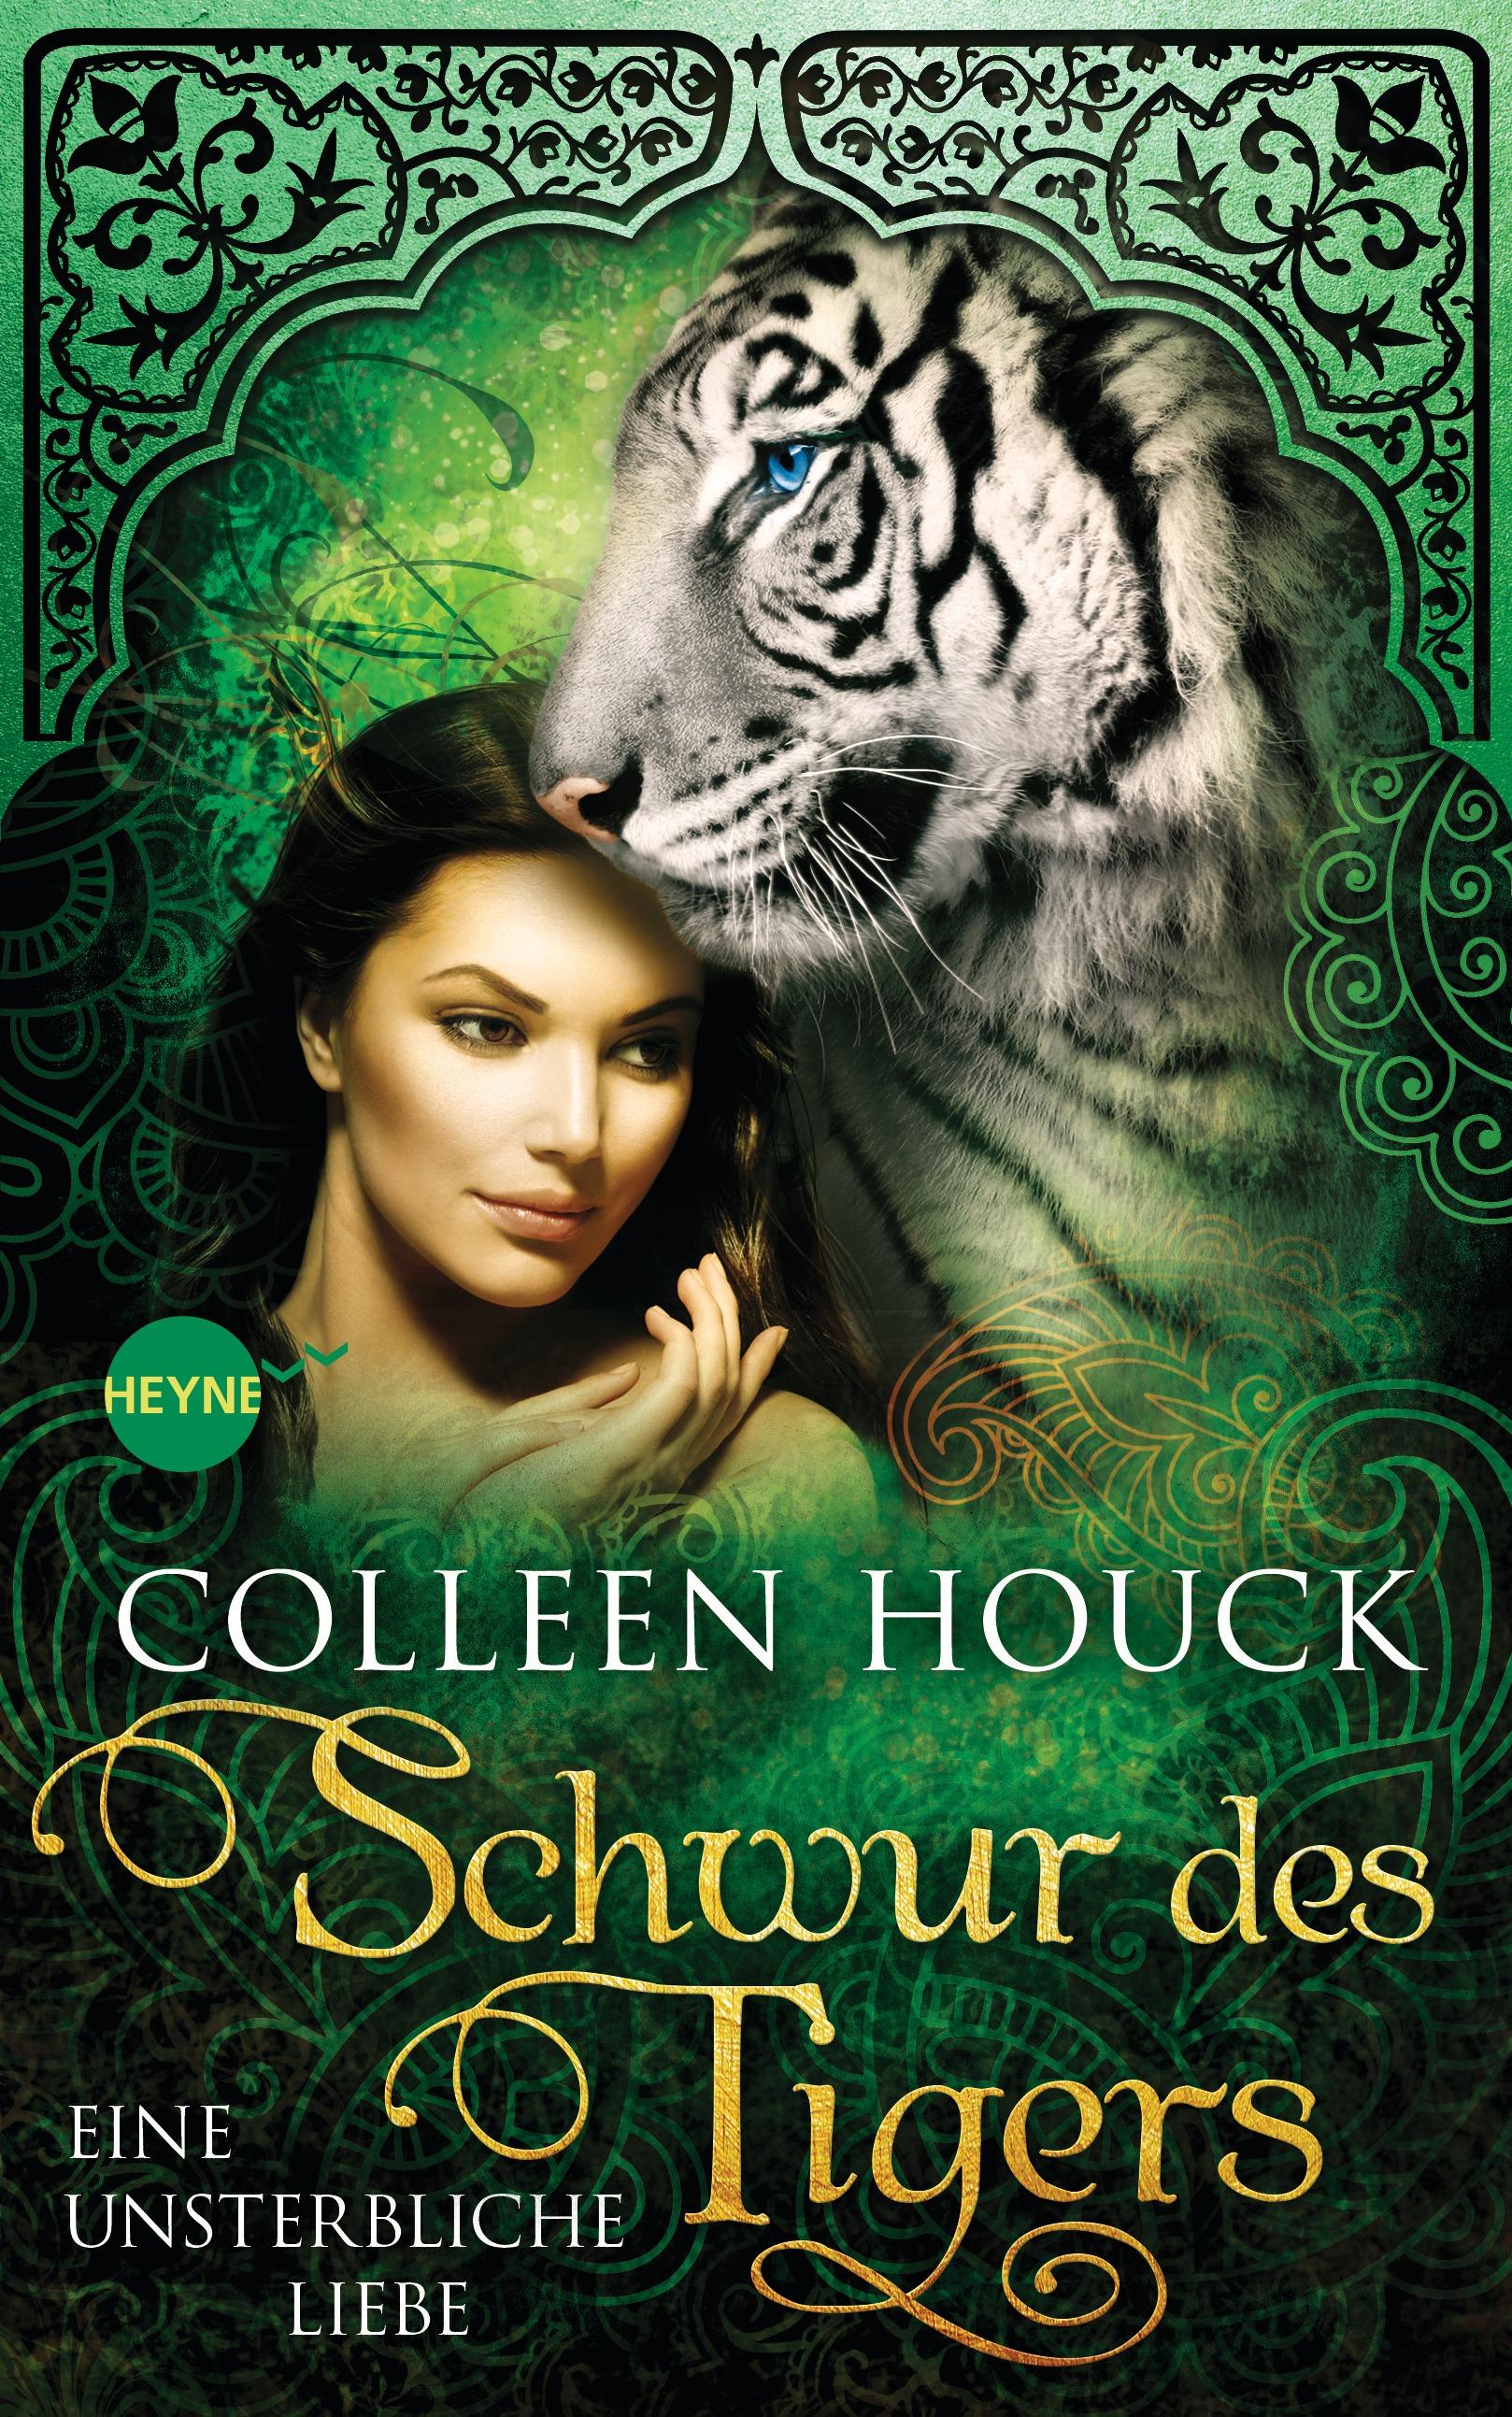 Kuss des Tigers: Band 4 - Schwur des Tigers - Eine unsterbliche Liebe - Colleen Houck